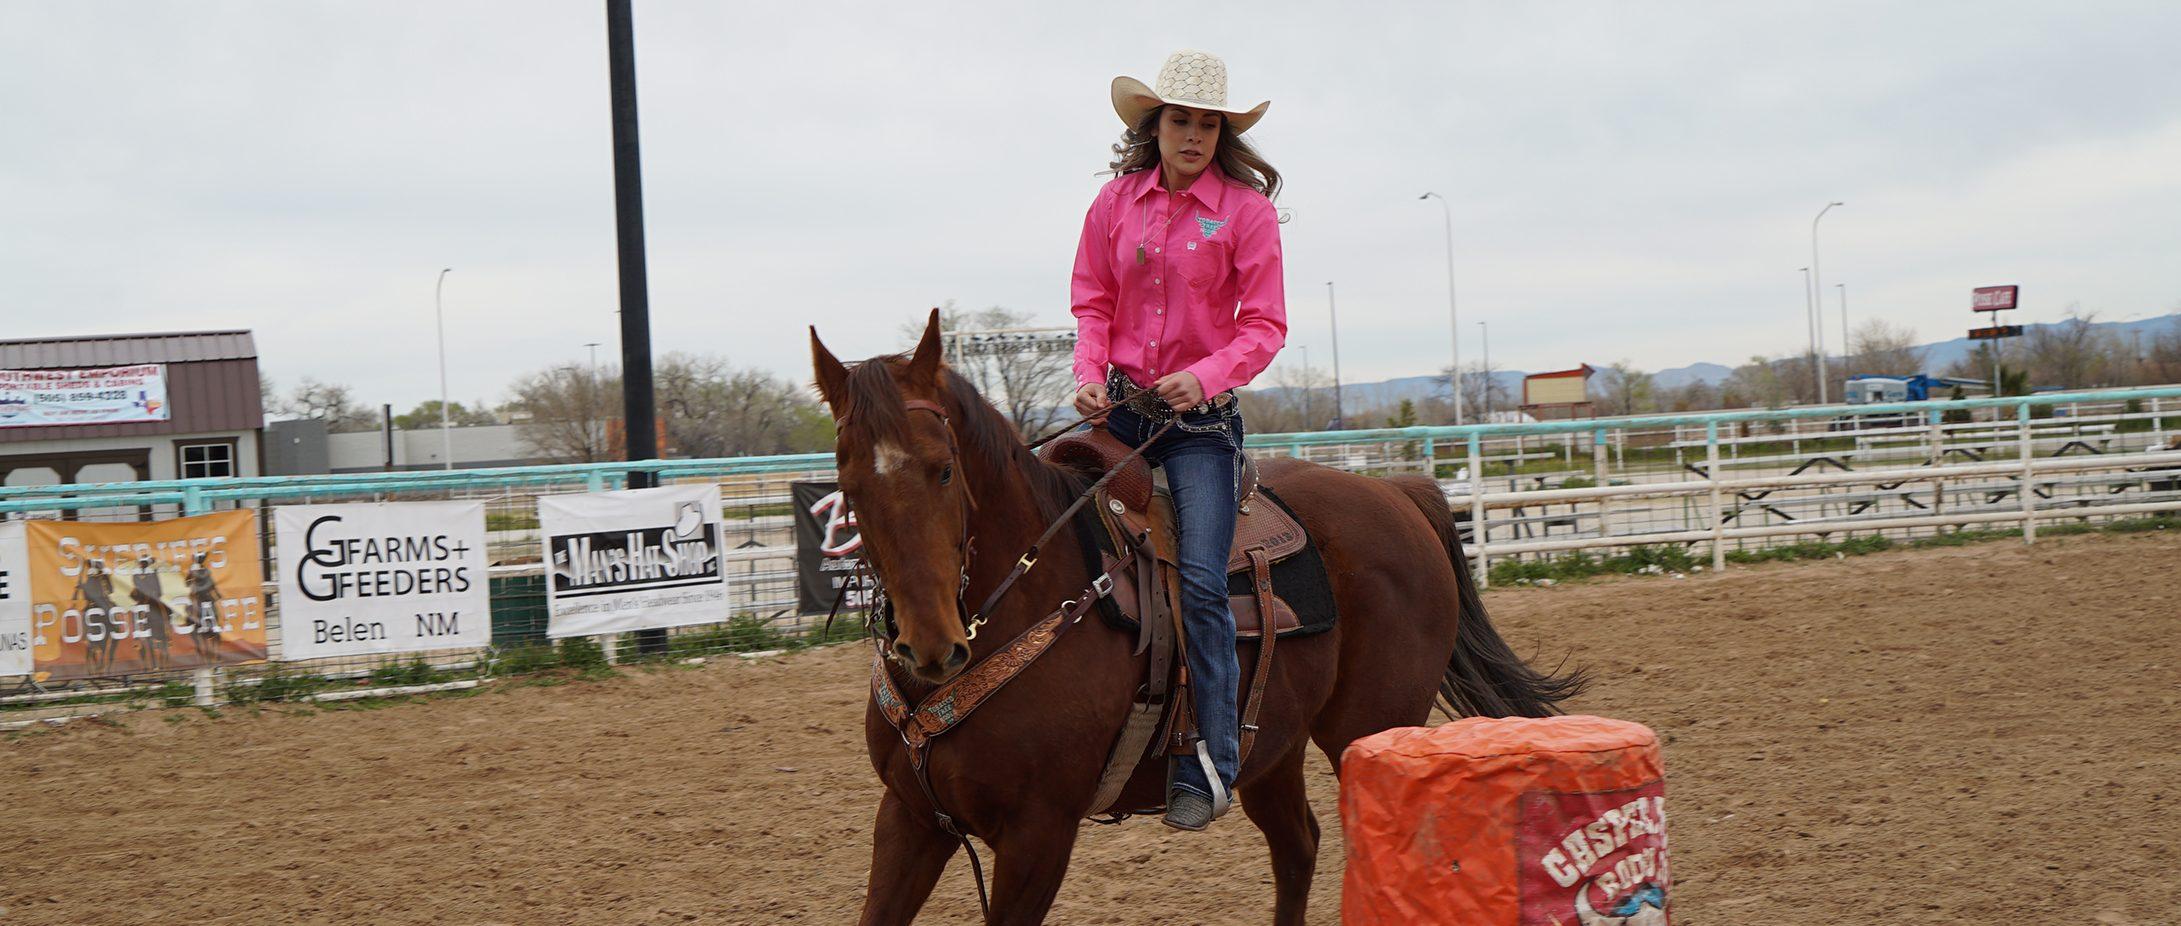 Malyka on horse